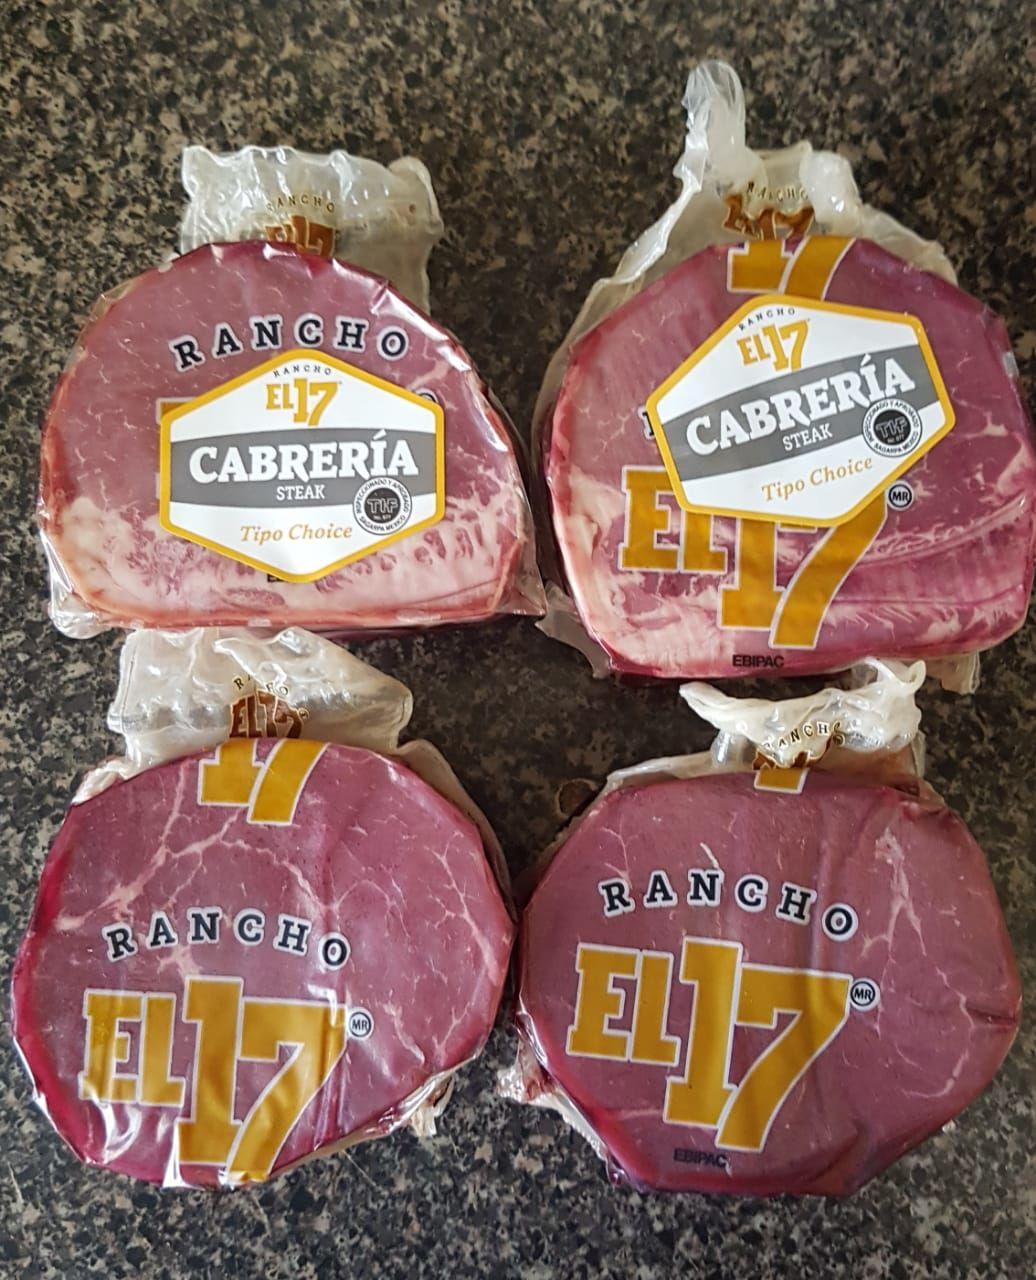 JOAQUIN O A. review of Filete cabrería con hueso